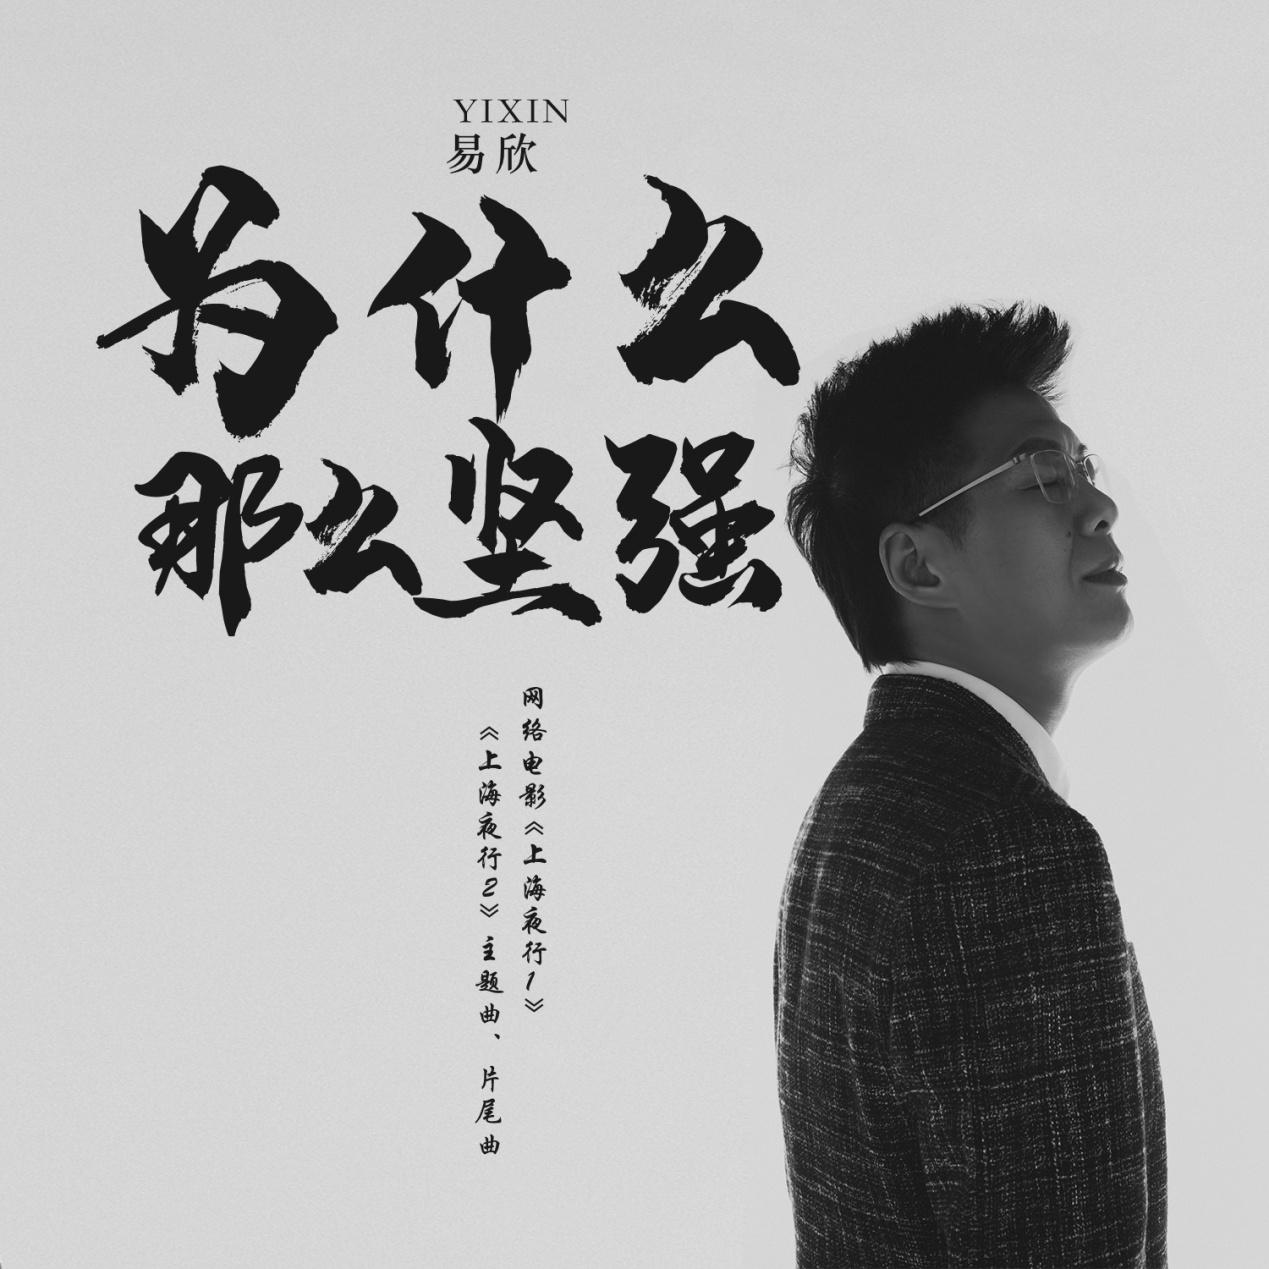 网络电影《上海夜行》主题曲《为什么那么坚强》全网首发曝光